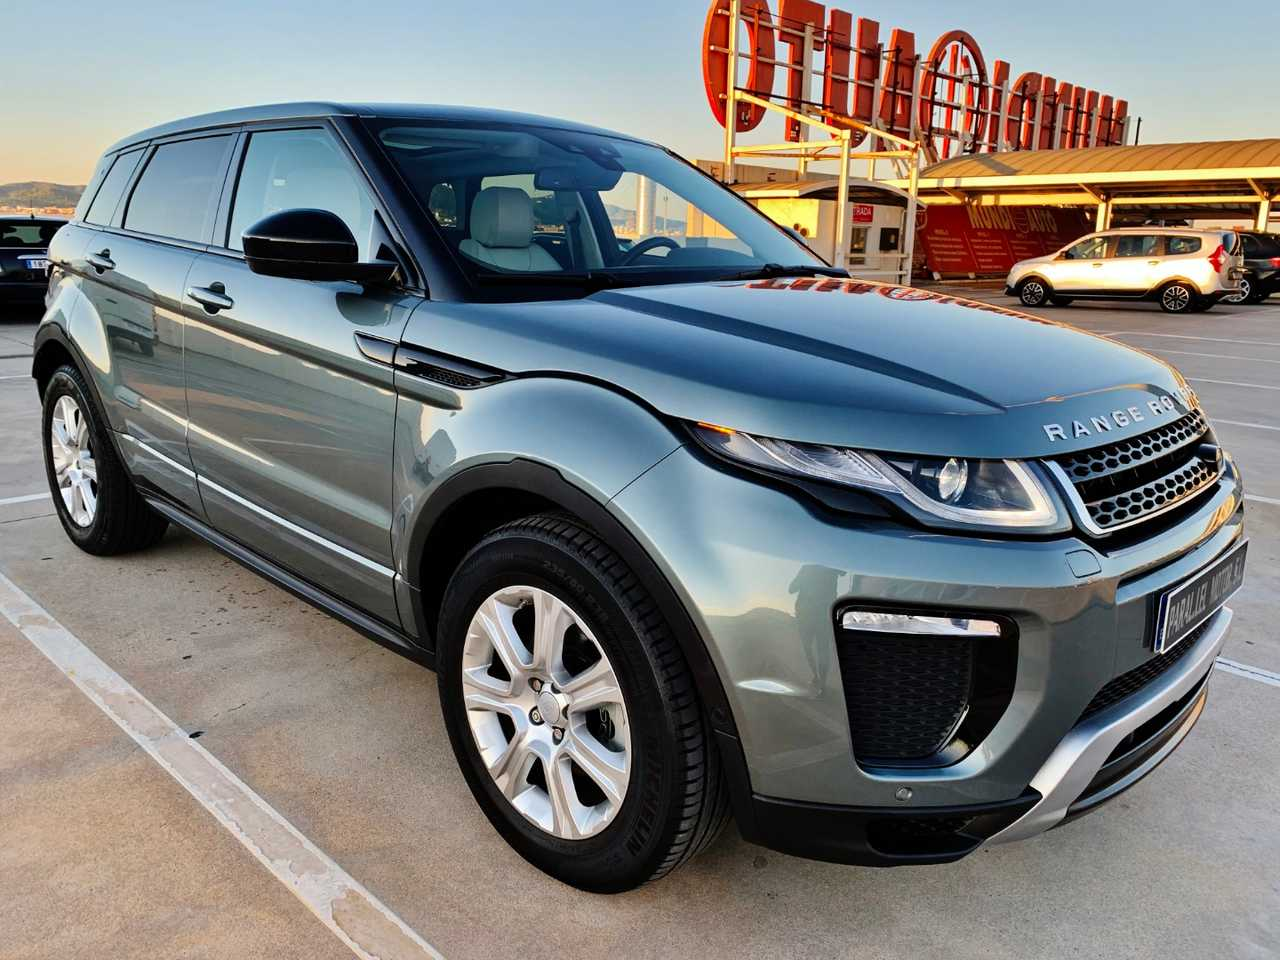 Land-Rover Range Rover Evoque 2.0L TD4 4X4 SE DYNAMIC AUTO. con TECHO PANORÁMICO, NAVEGADOR...  - Foto 1